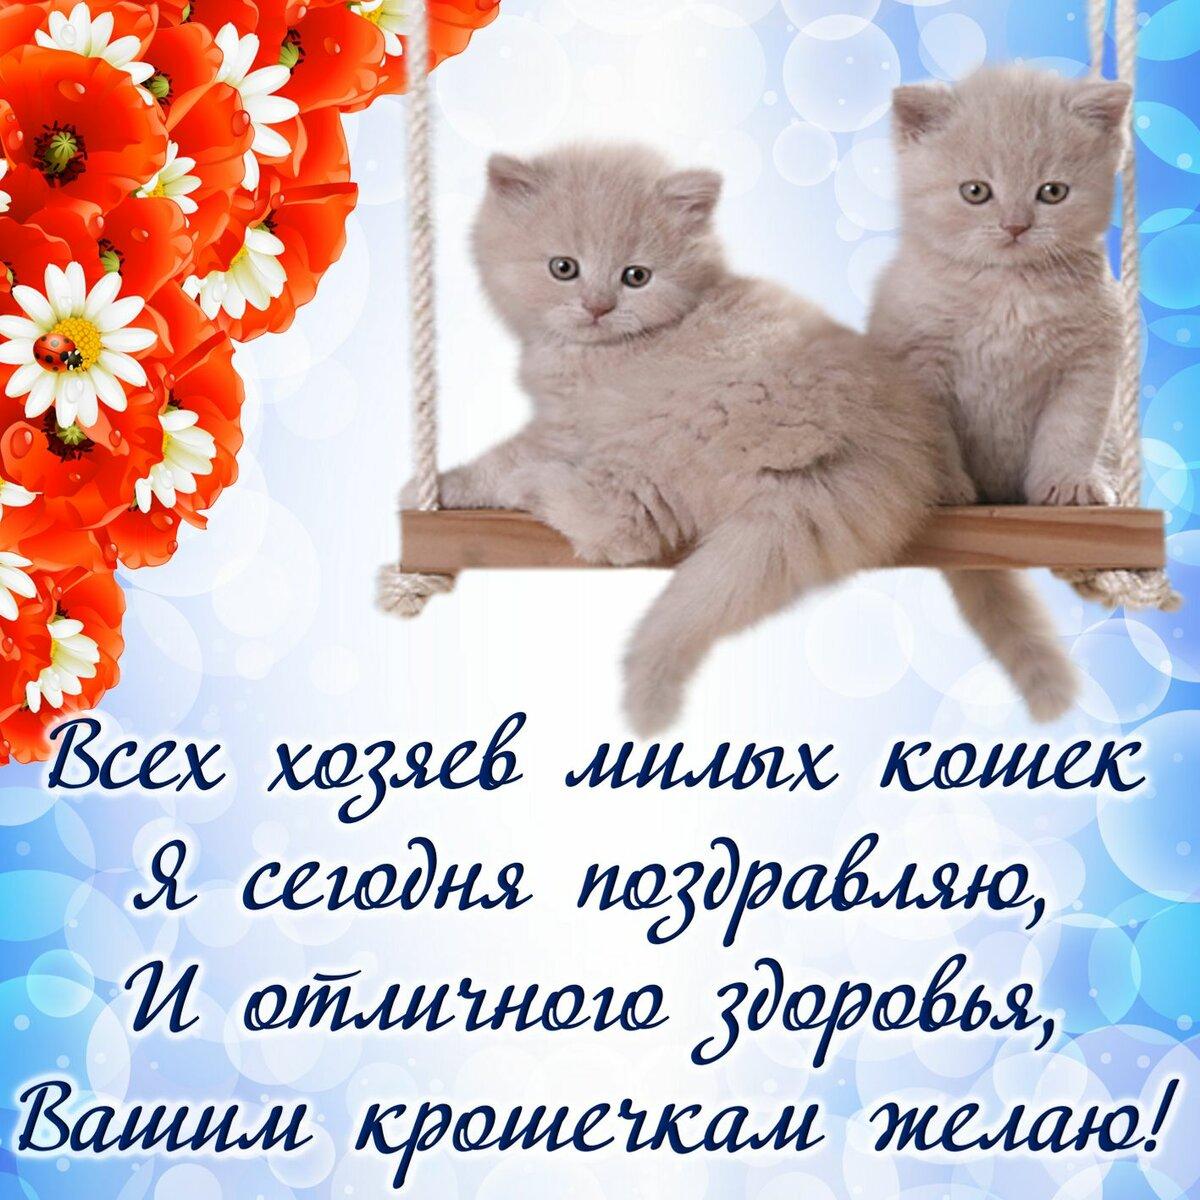 Рисовал, картинки с праздником кошек